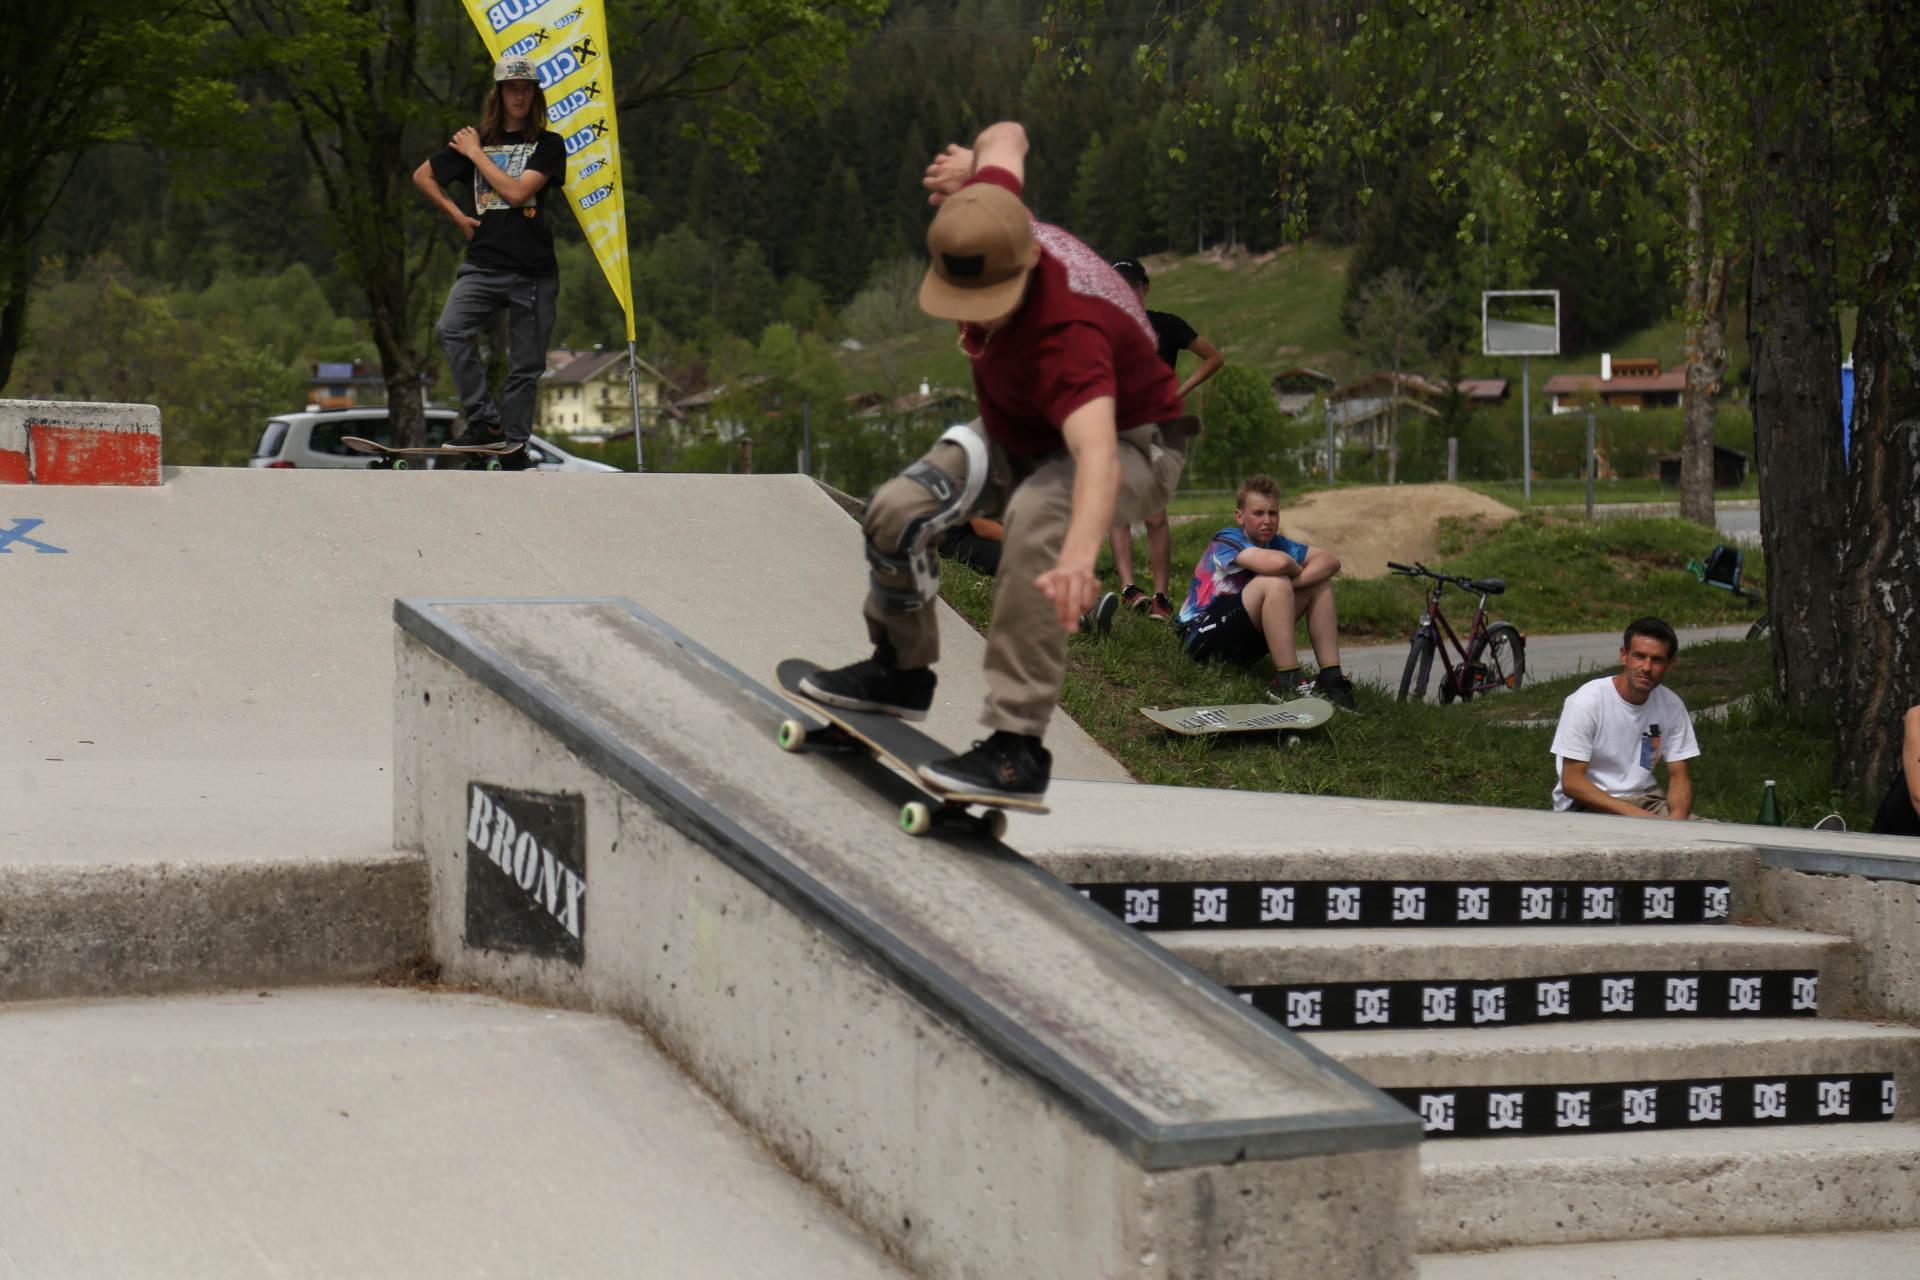 skateboard headz fieberbrunn kgt kitz gau trophy 2019 saalfelden hell00032